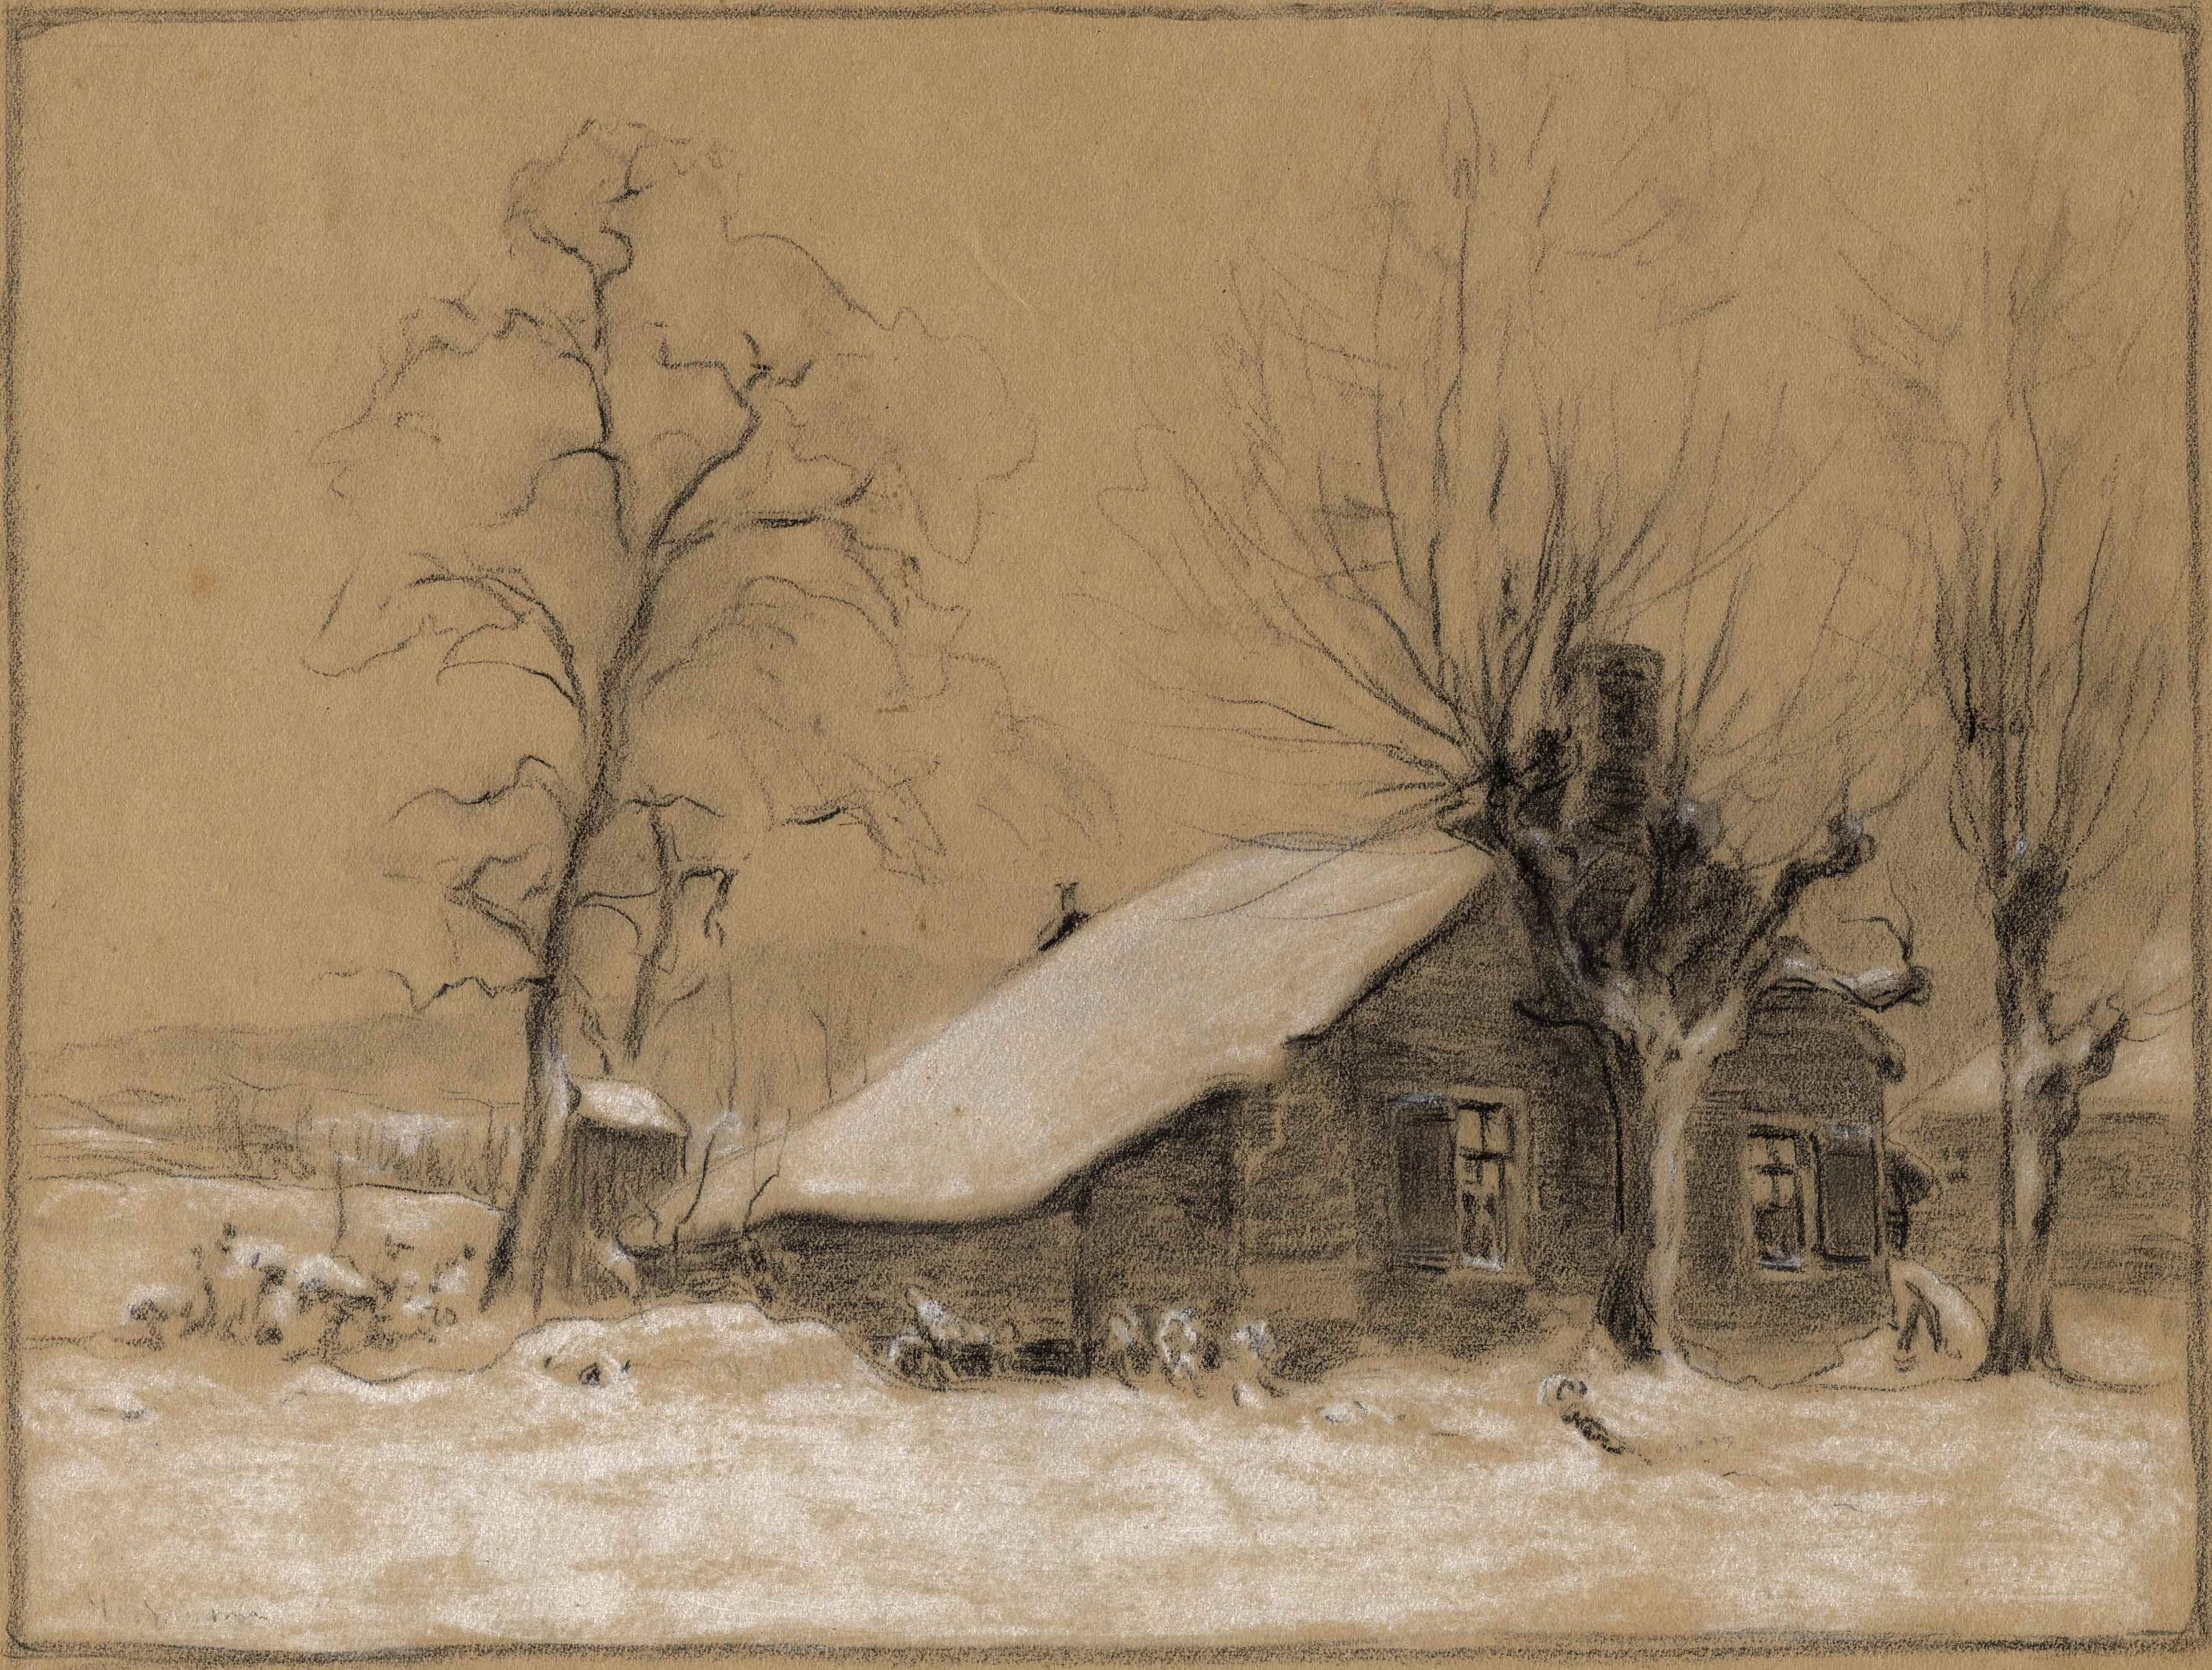 Tekening met het oude huisje van Jan van Houten in de Folgeren